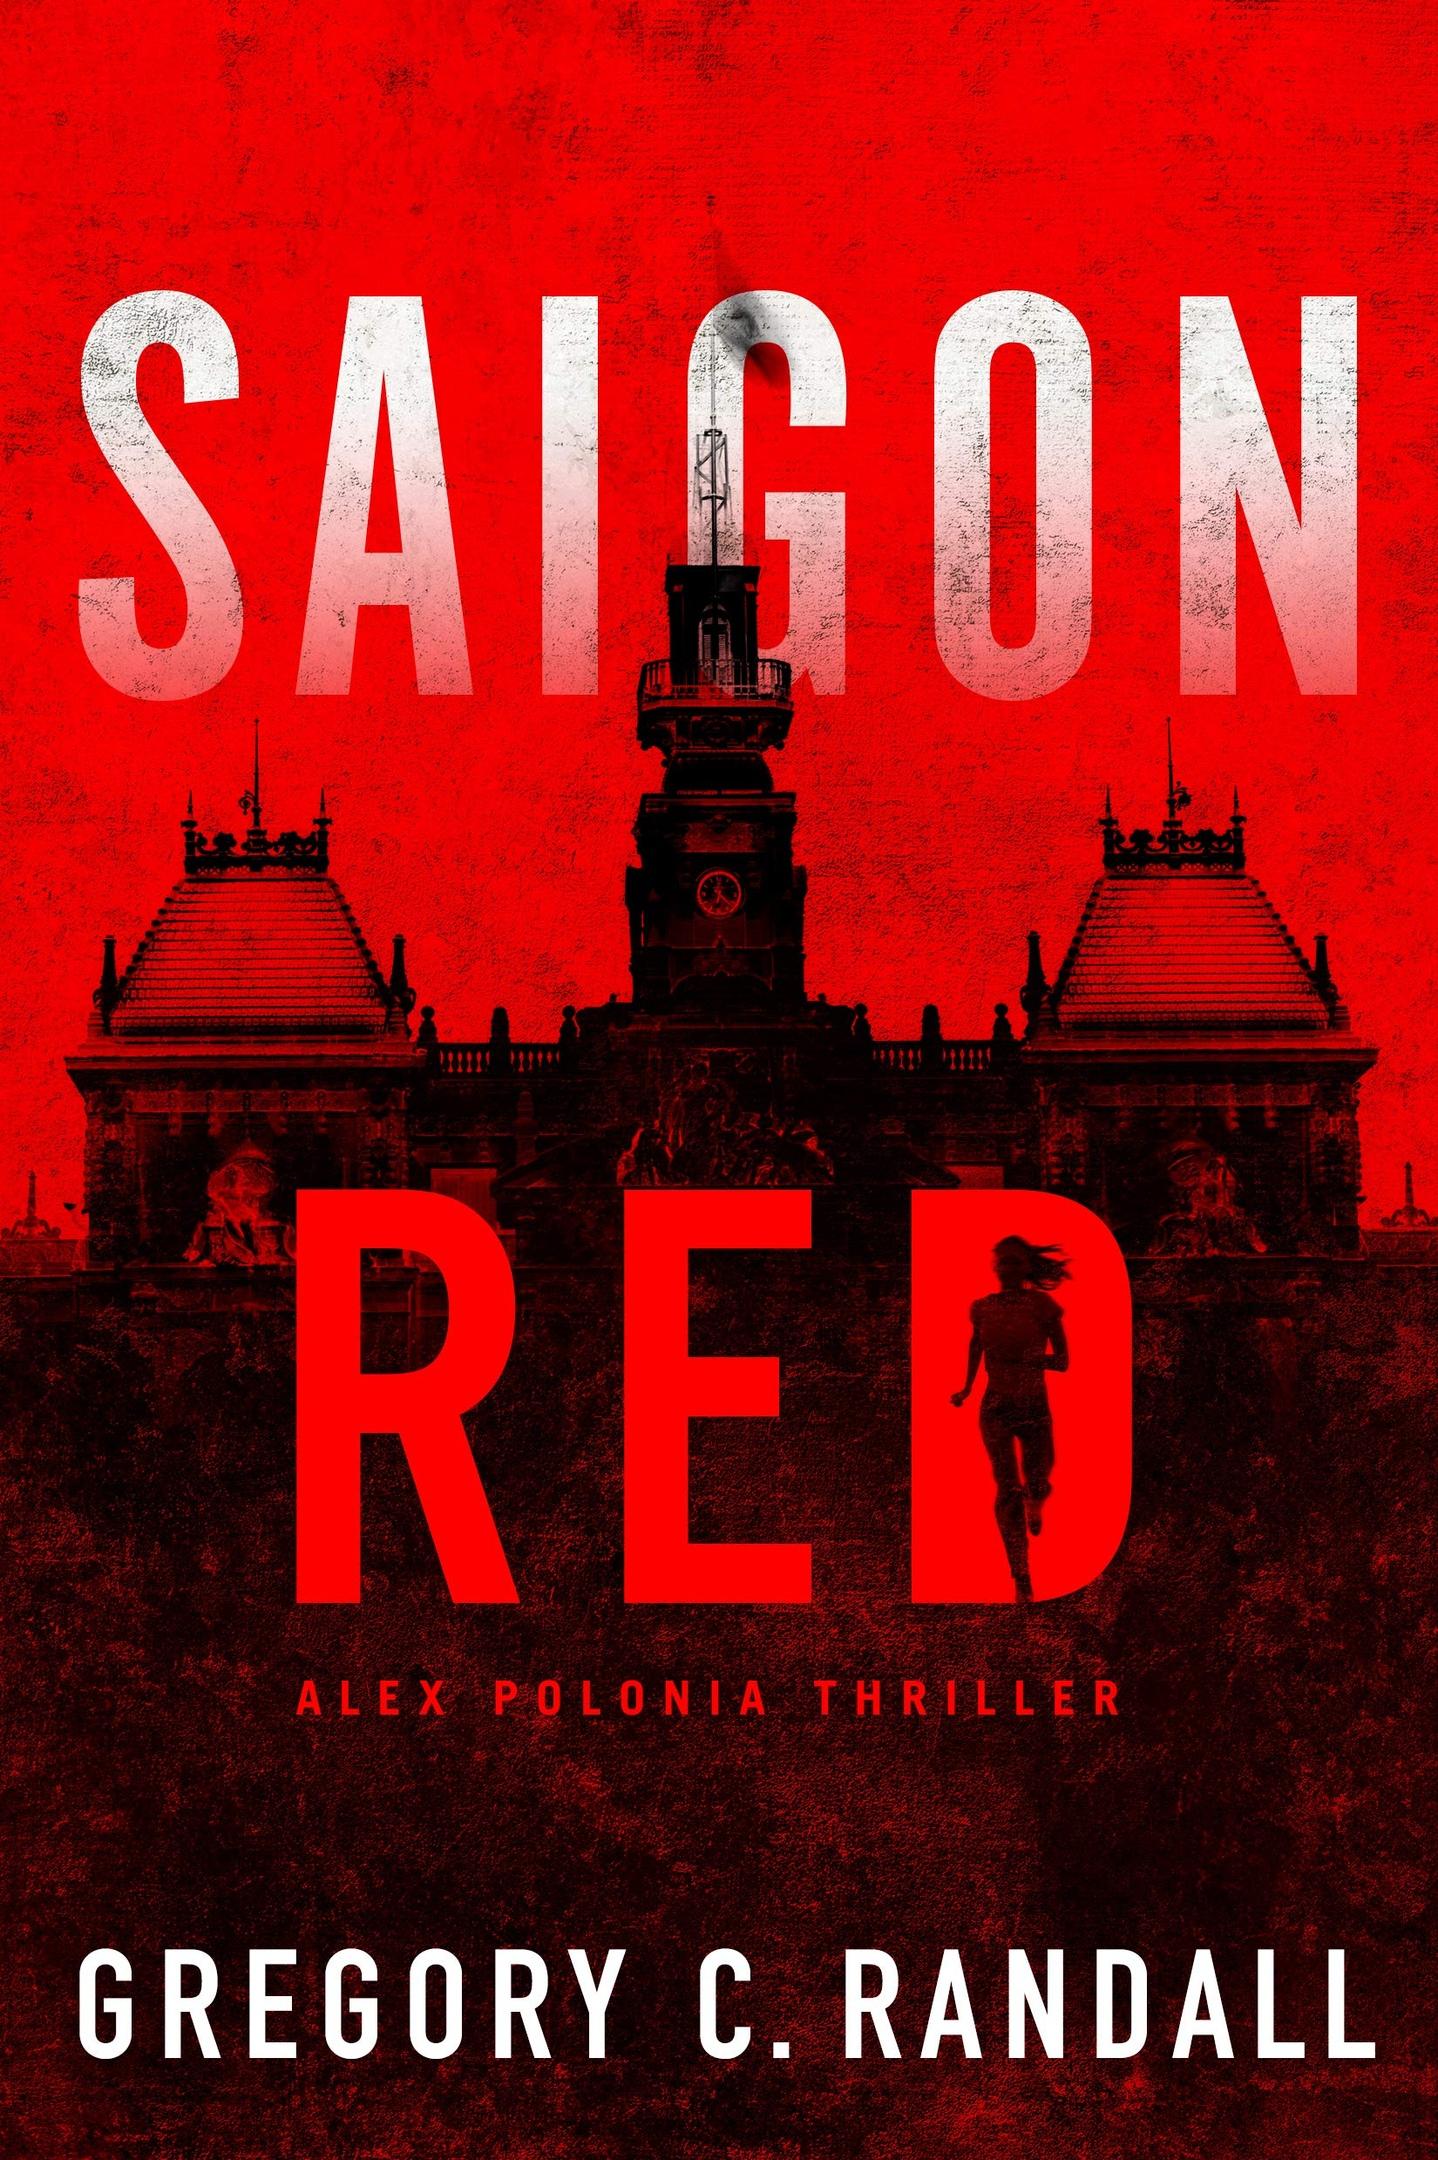 Gregory C. Randall – Saigon Red Genre: